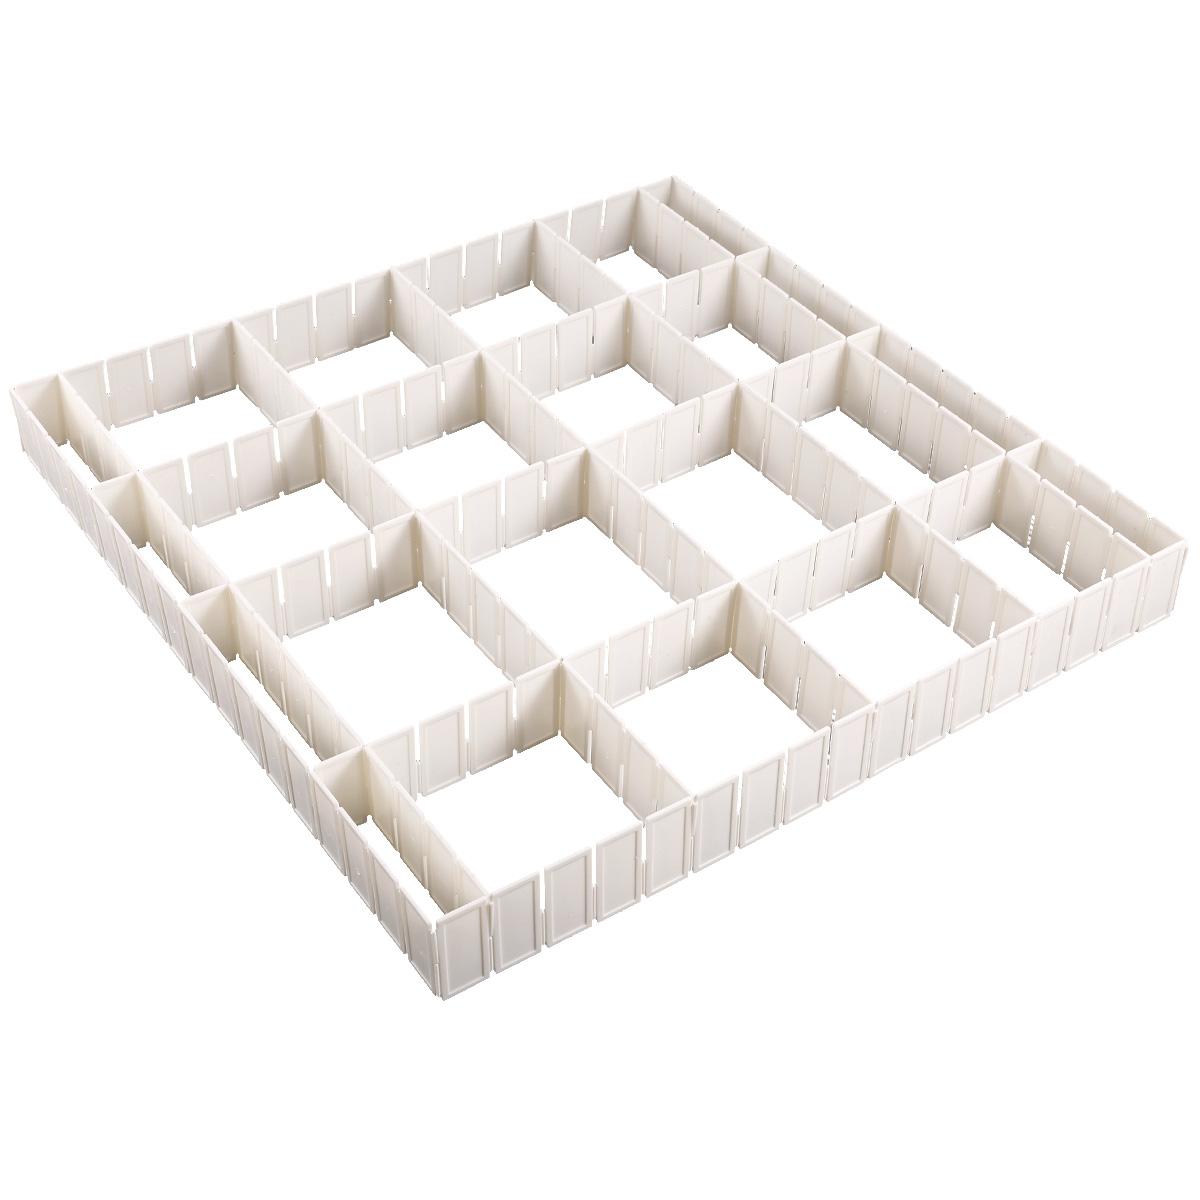 12 24 adjustable drawer organiser drawer divider universal for kitchen bedroom ebay